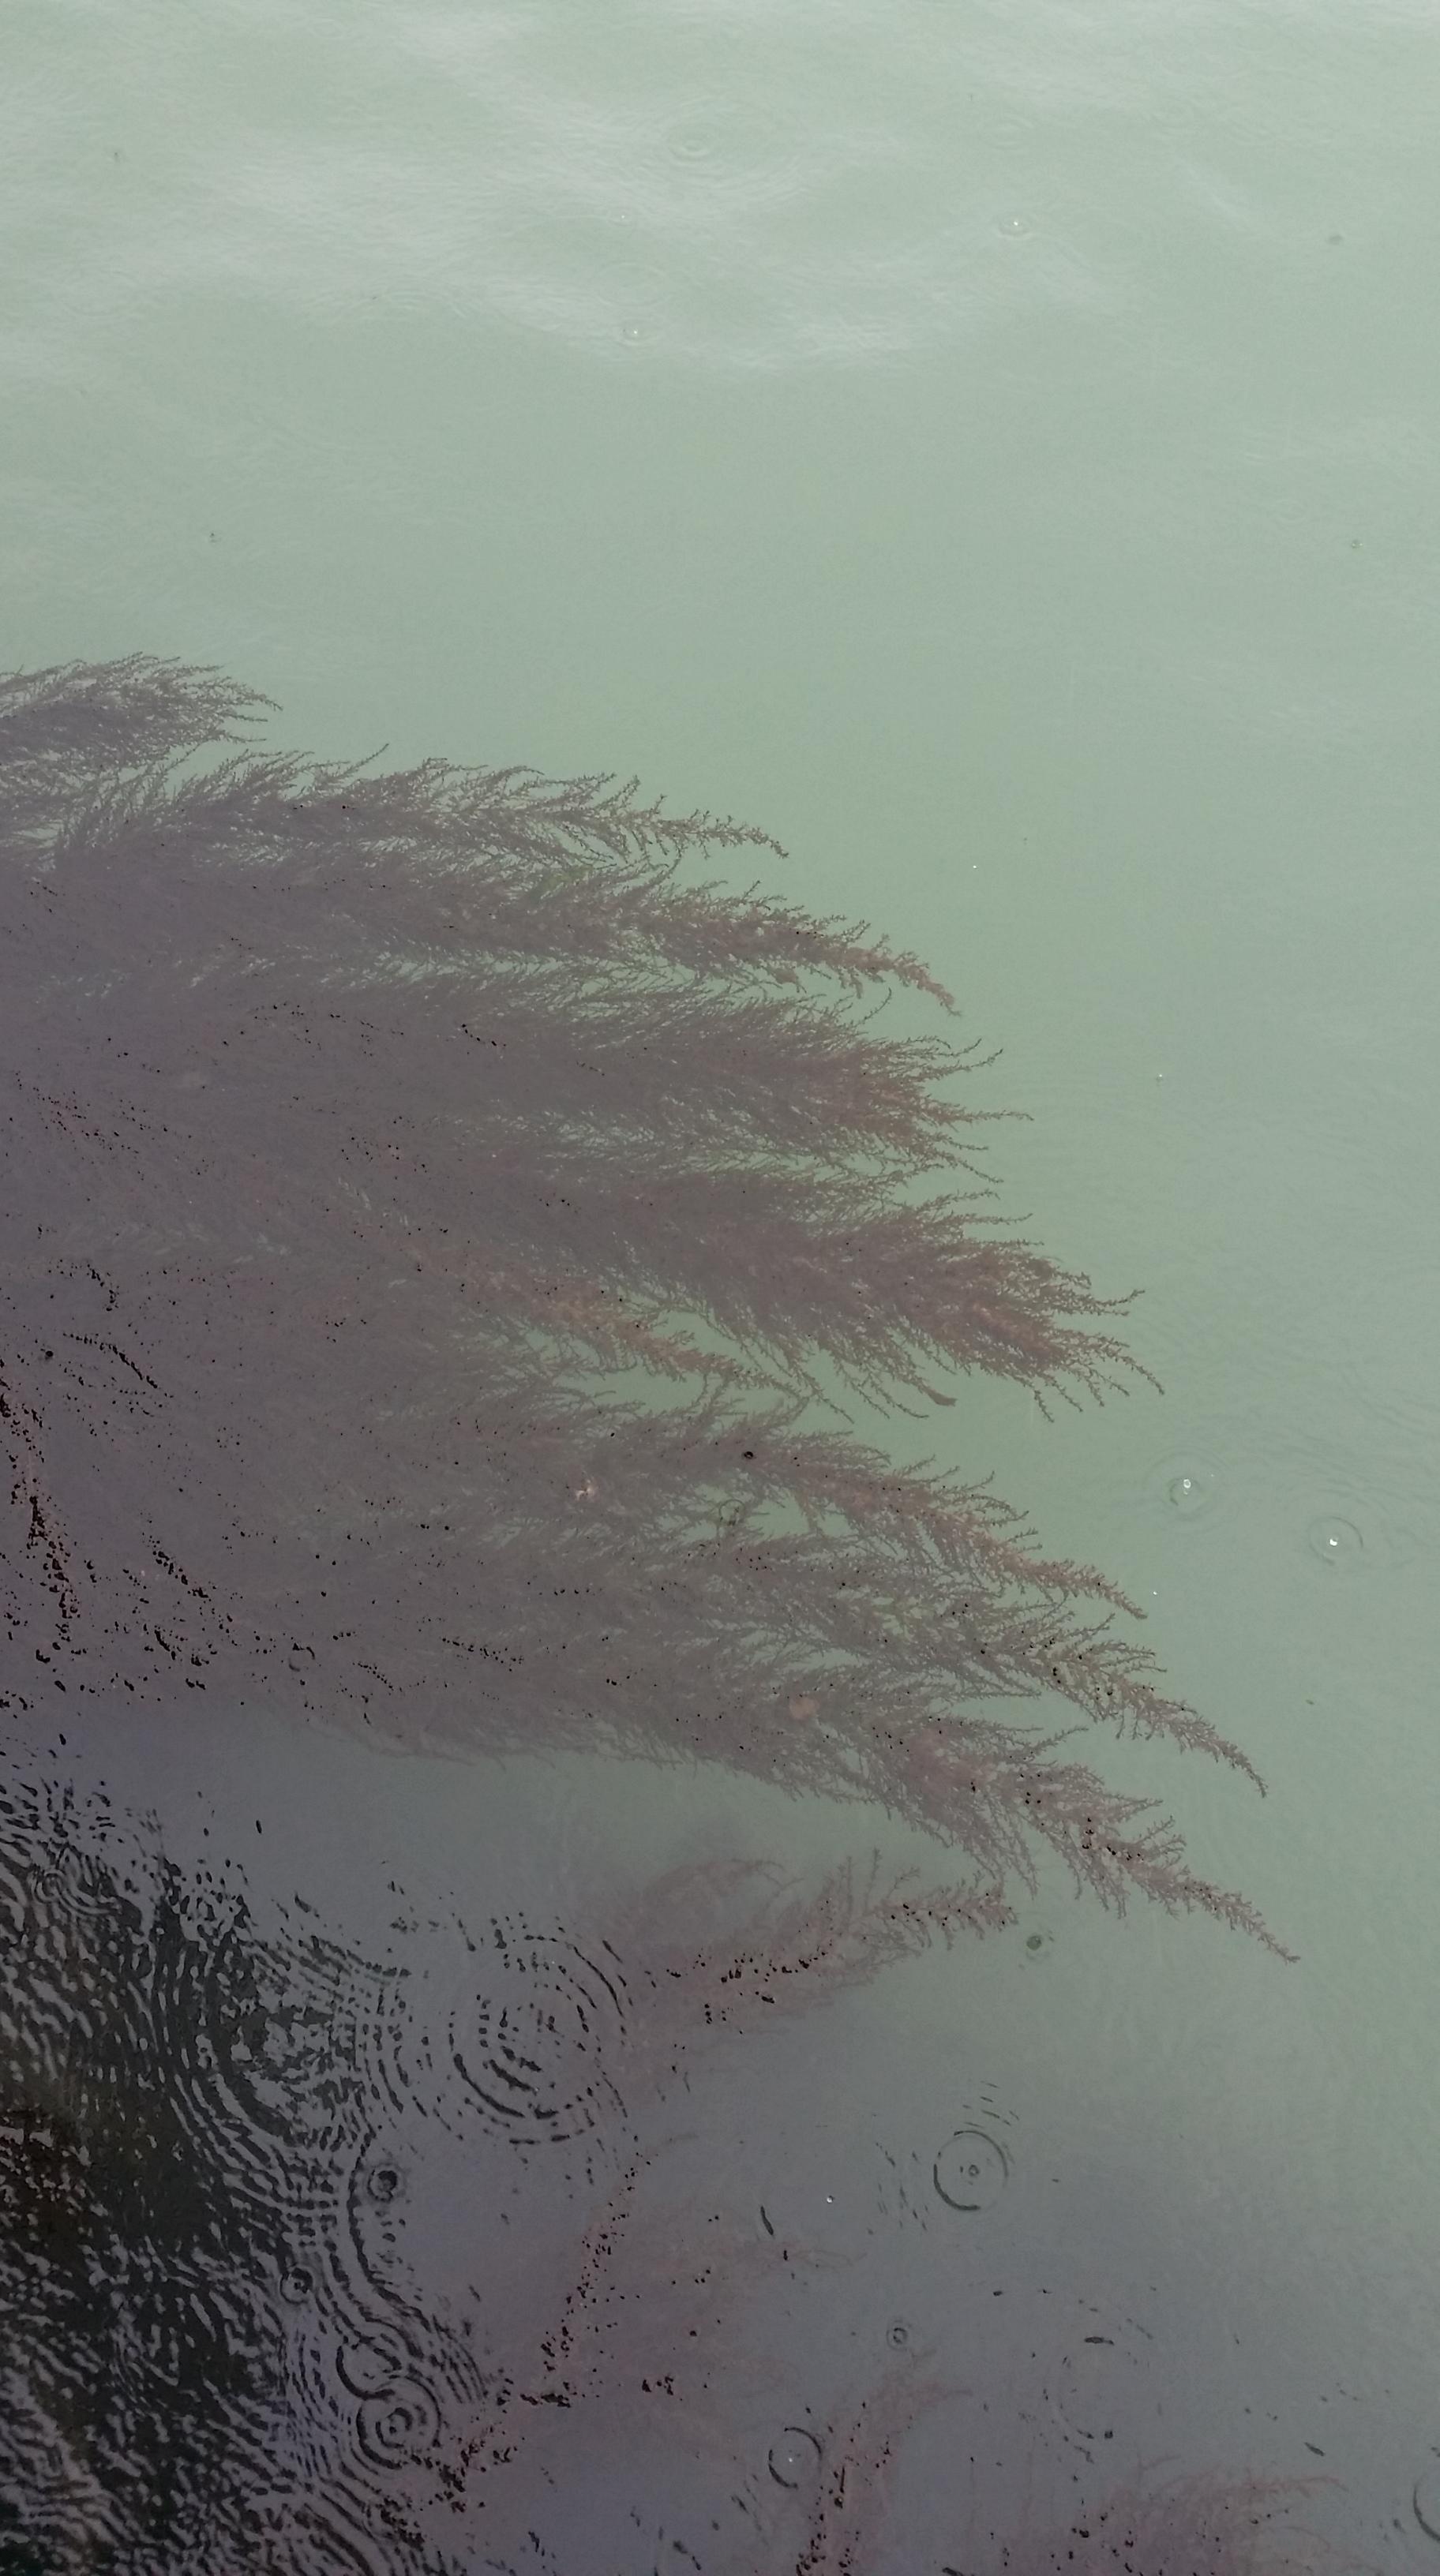 Piante acquatiche a Venezia